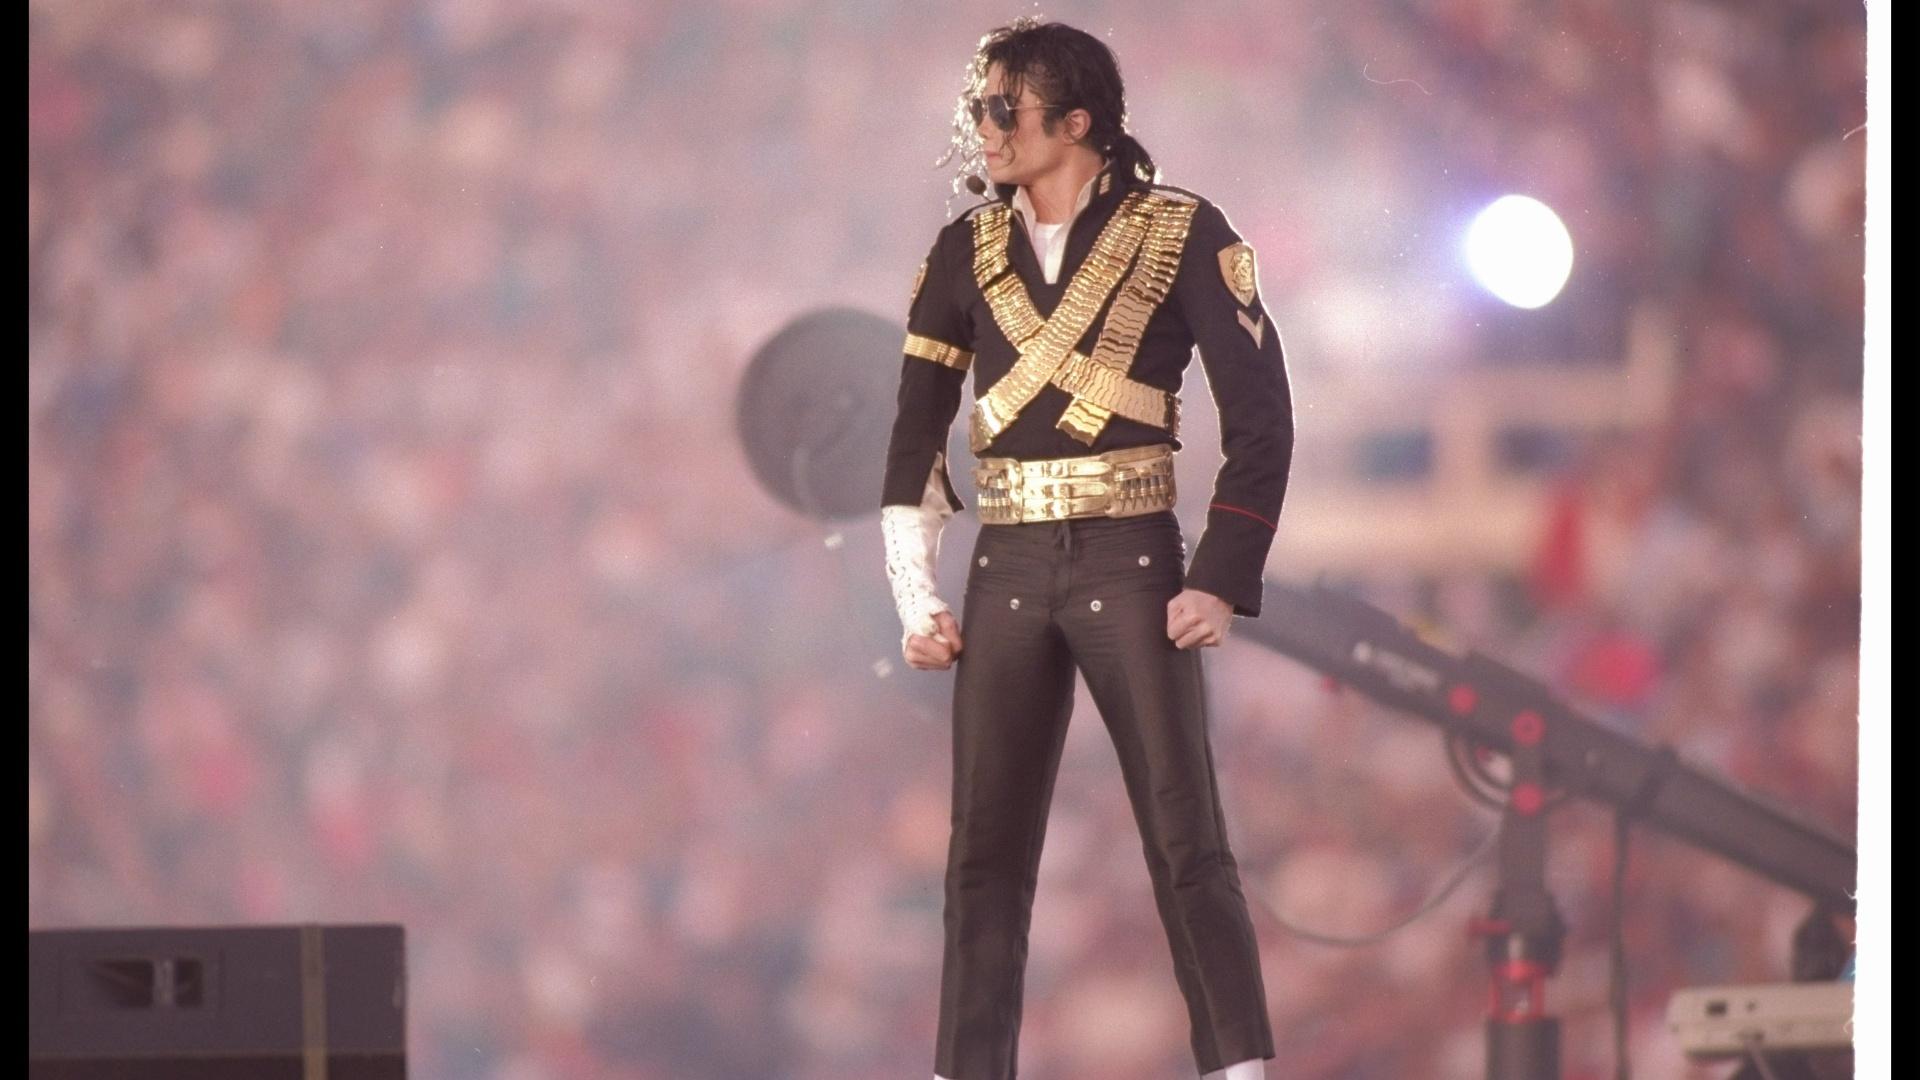 Michael Jackson se apresenta no intervalo do Super Bowl XXVII em 1993